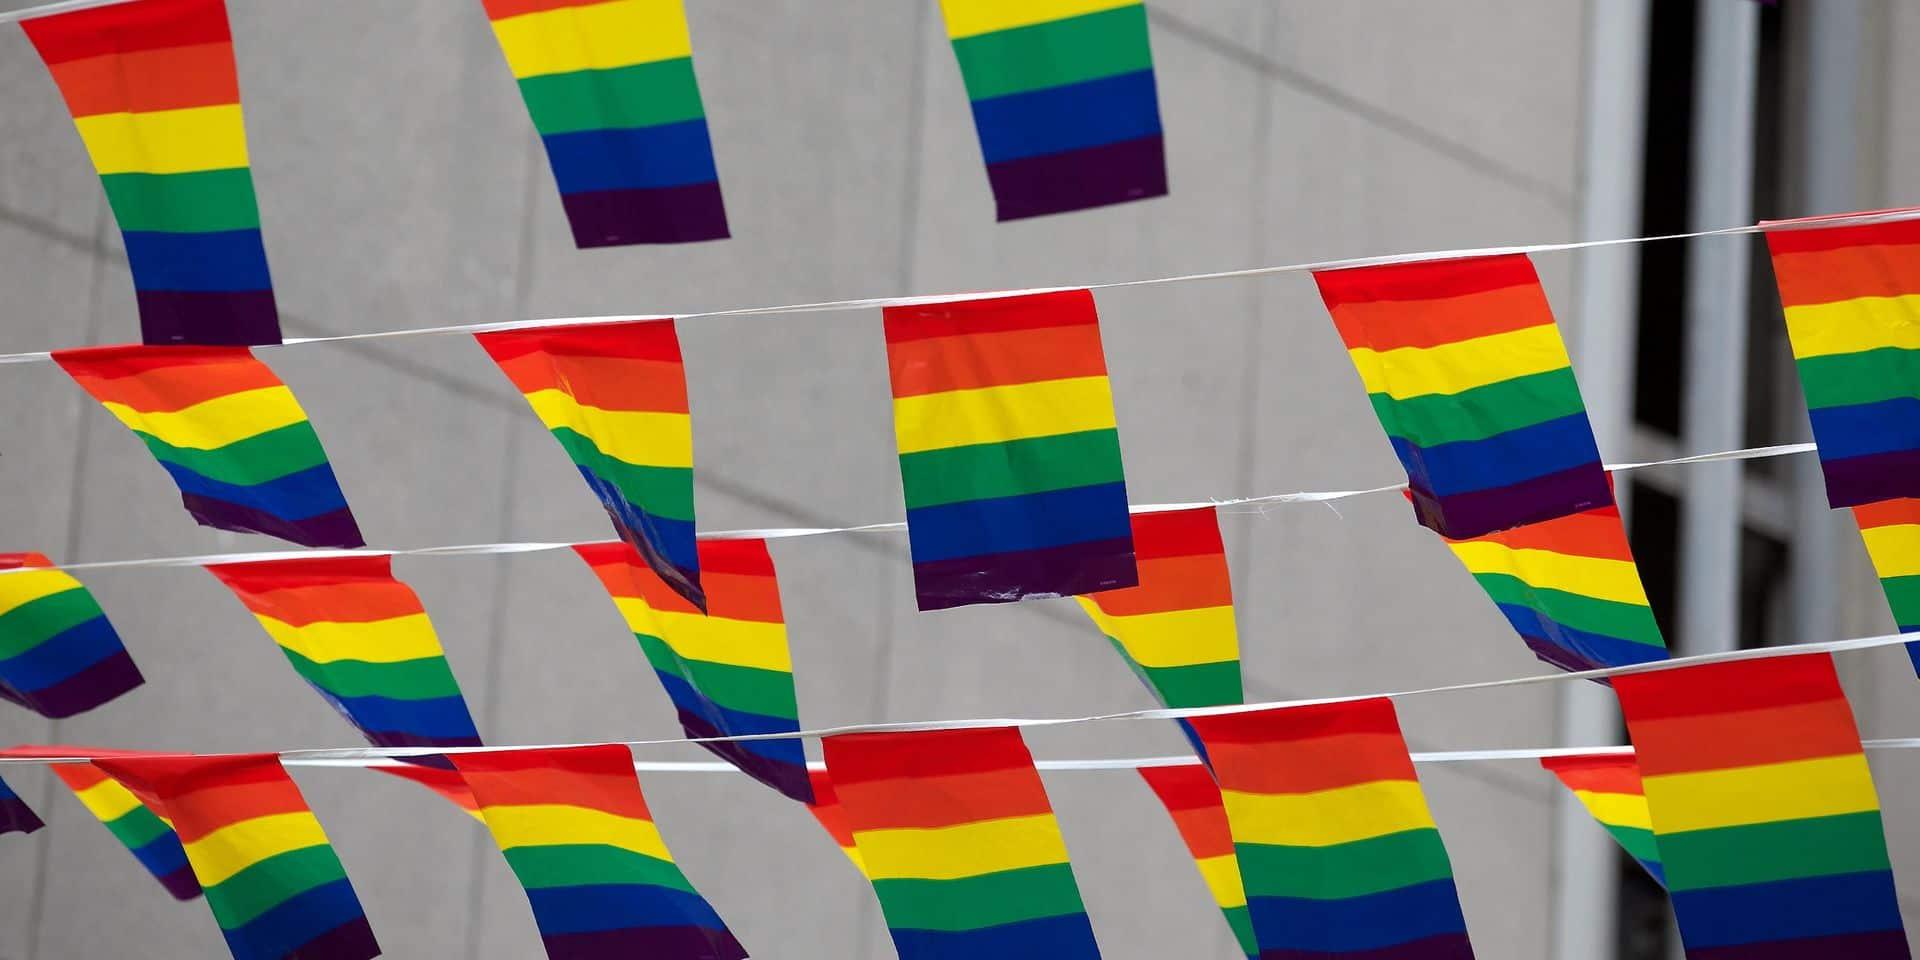 Mons: Le refuge LGBT+ tarde à voir le jour